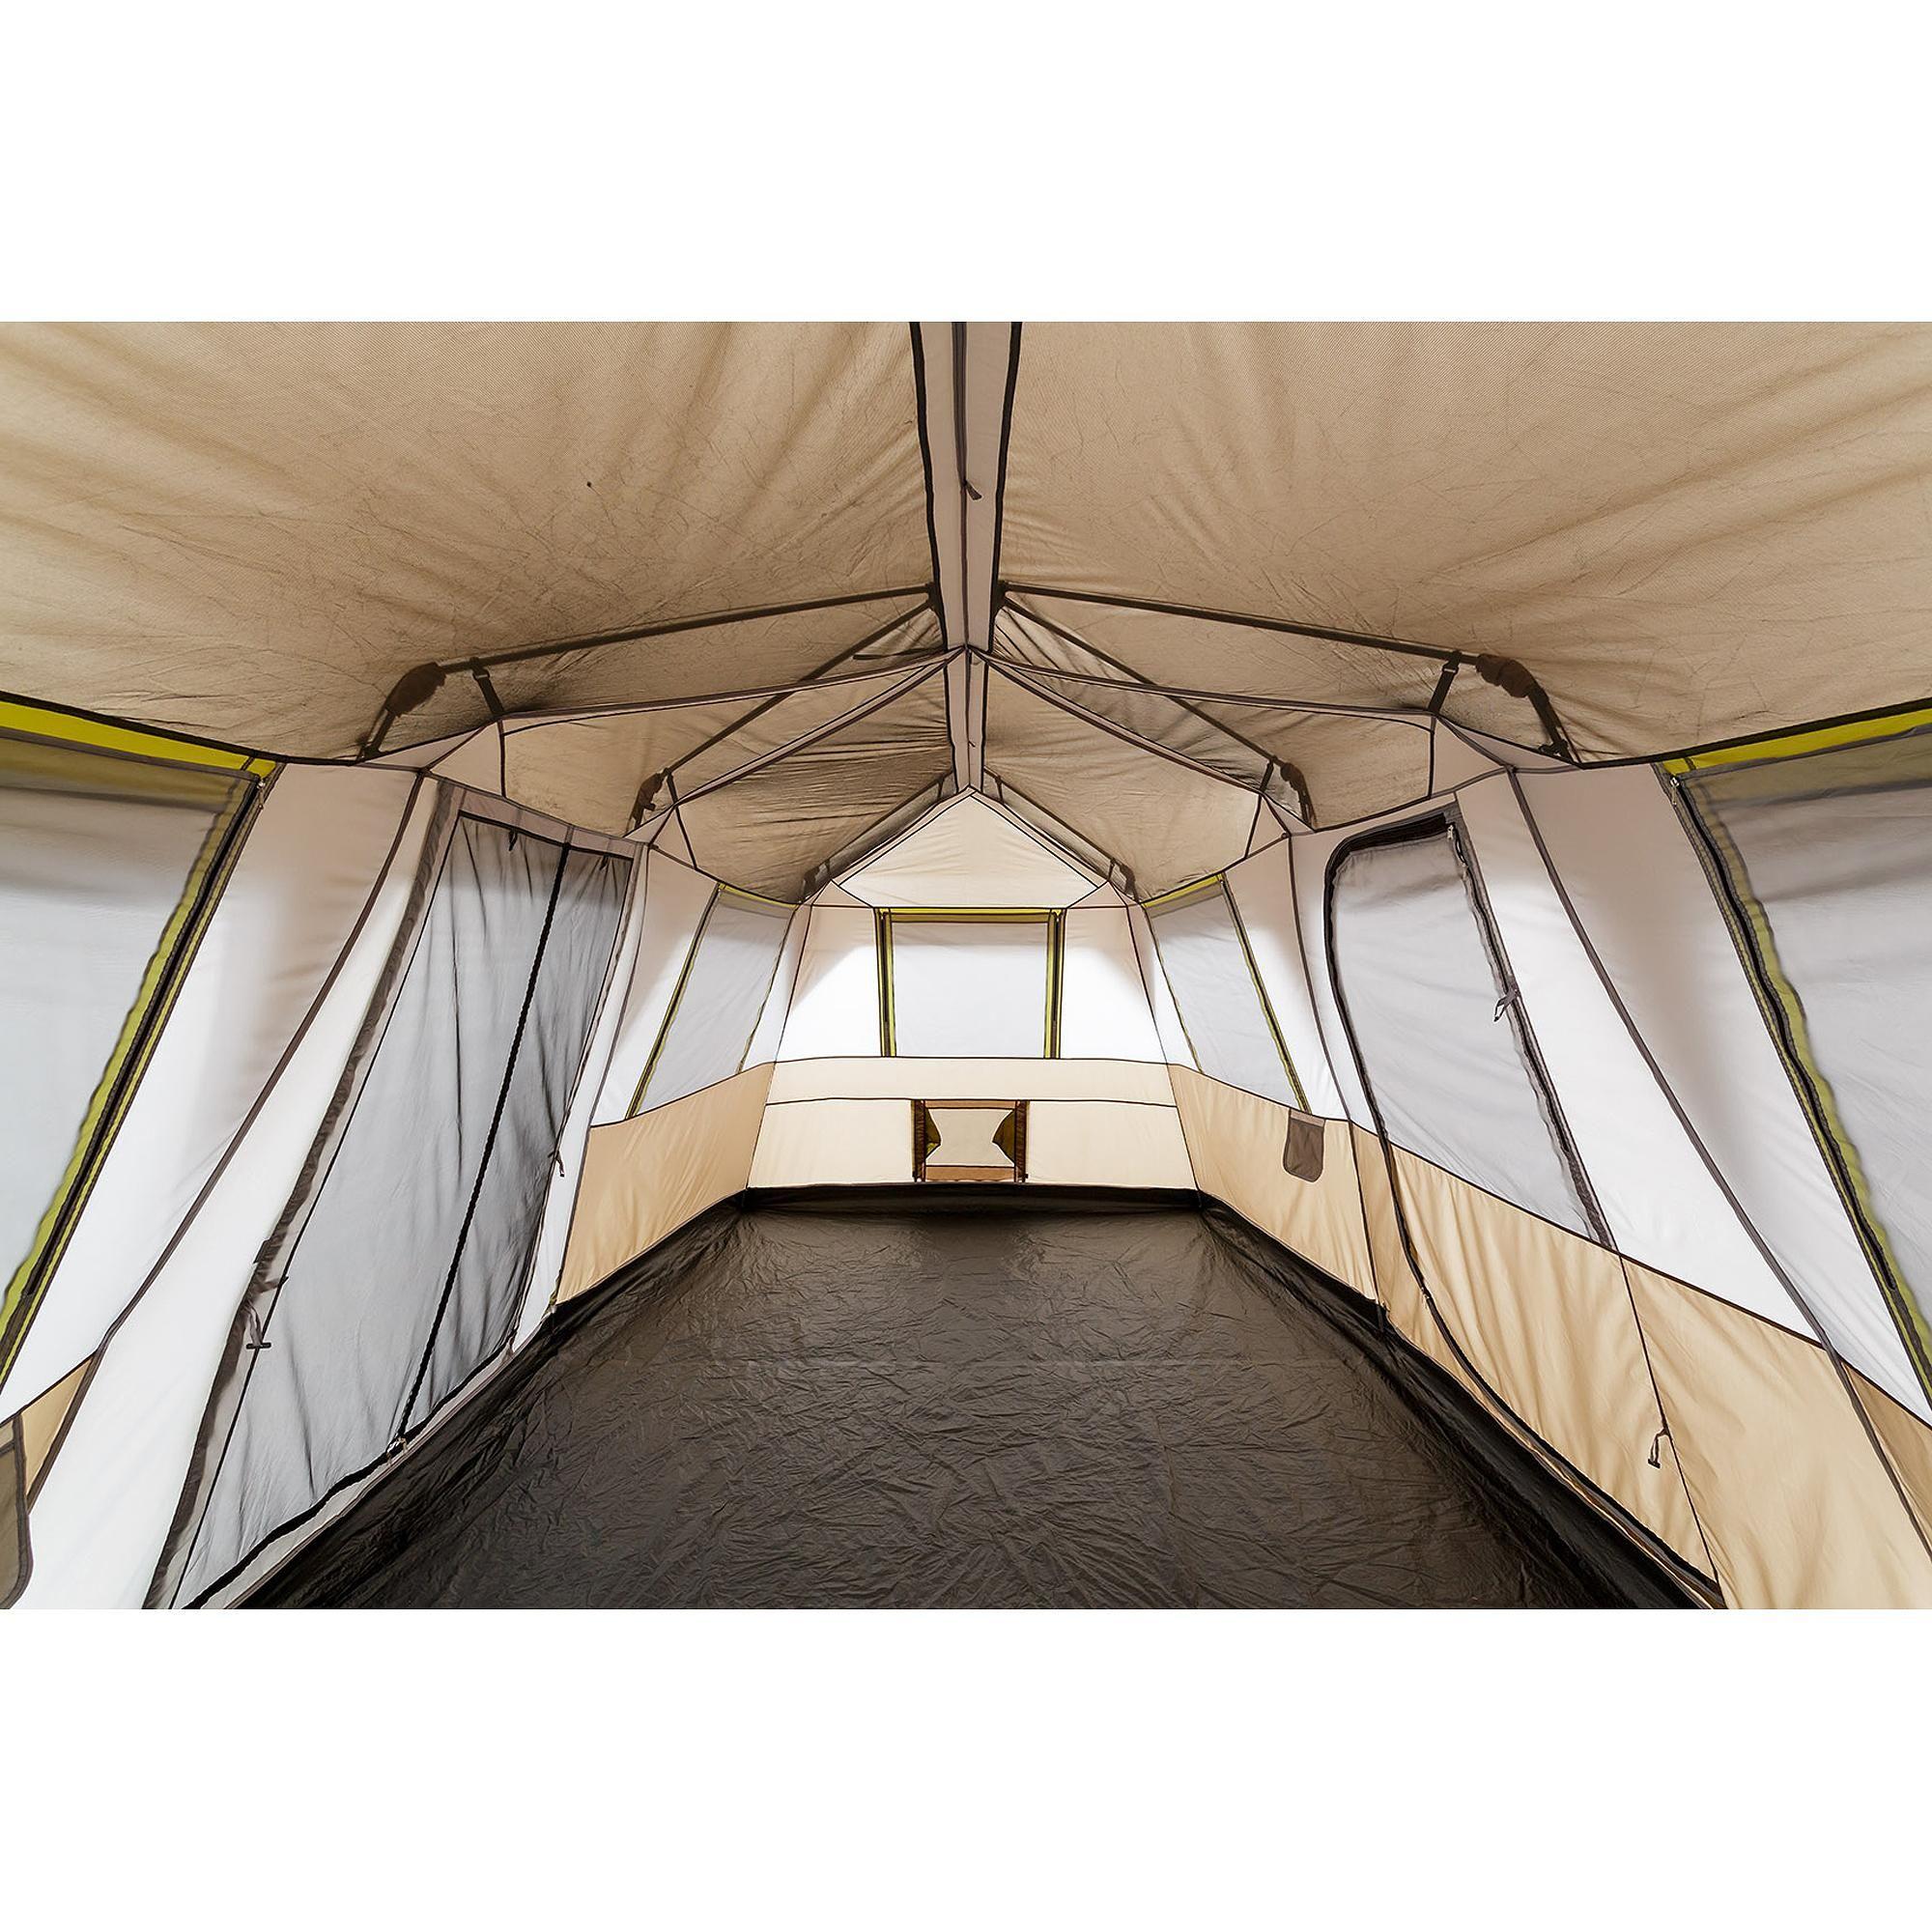 Ozark Trail 10 Person Instant Cabin Tent Cabin Tent Tent Ozark Trail